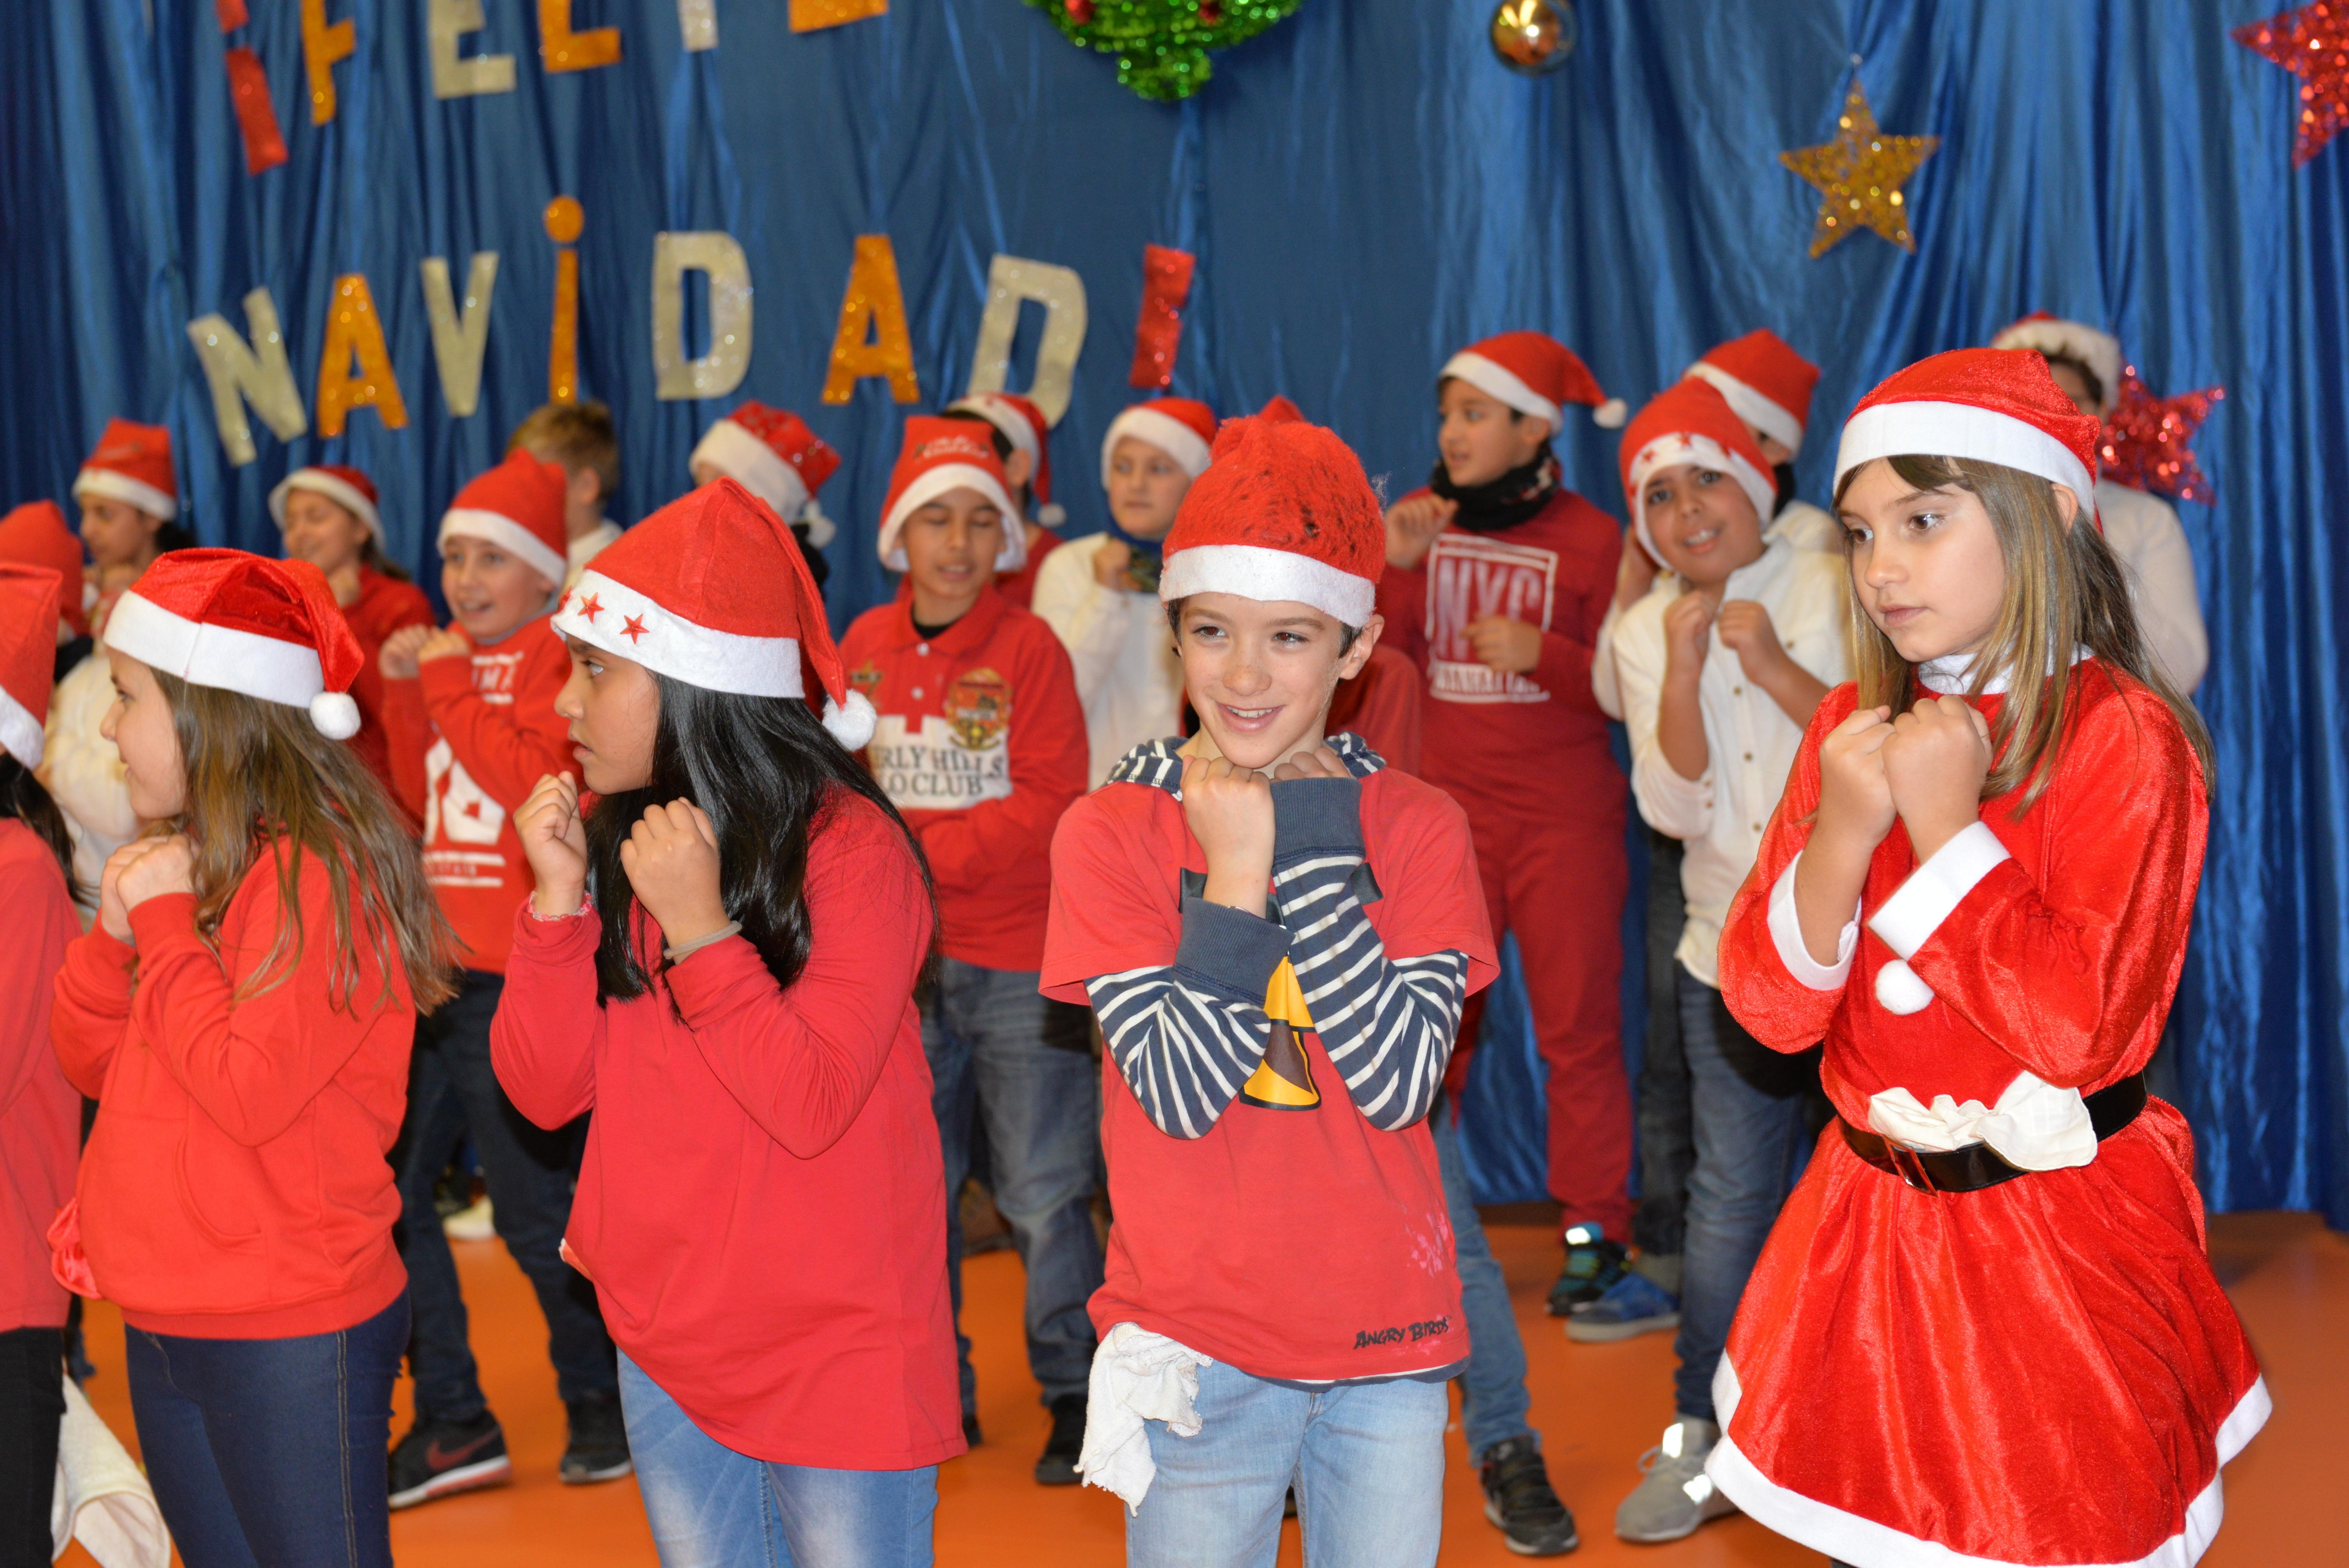 Festival de Navidad 3 33